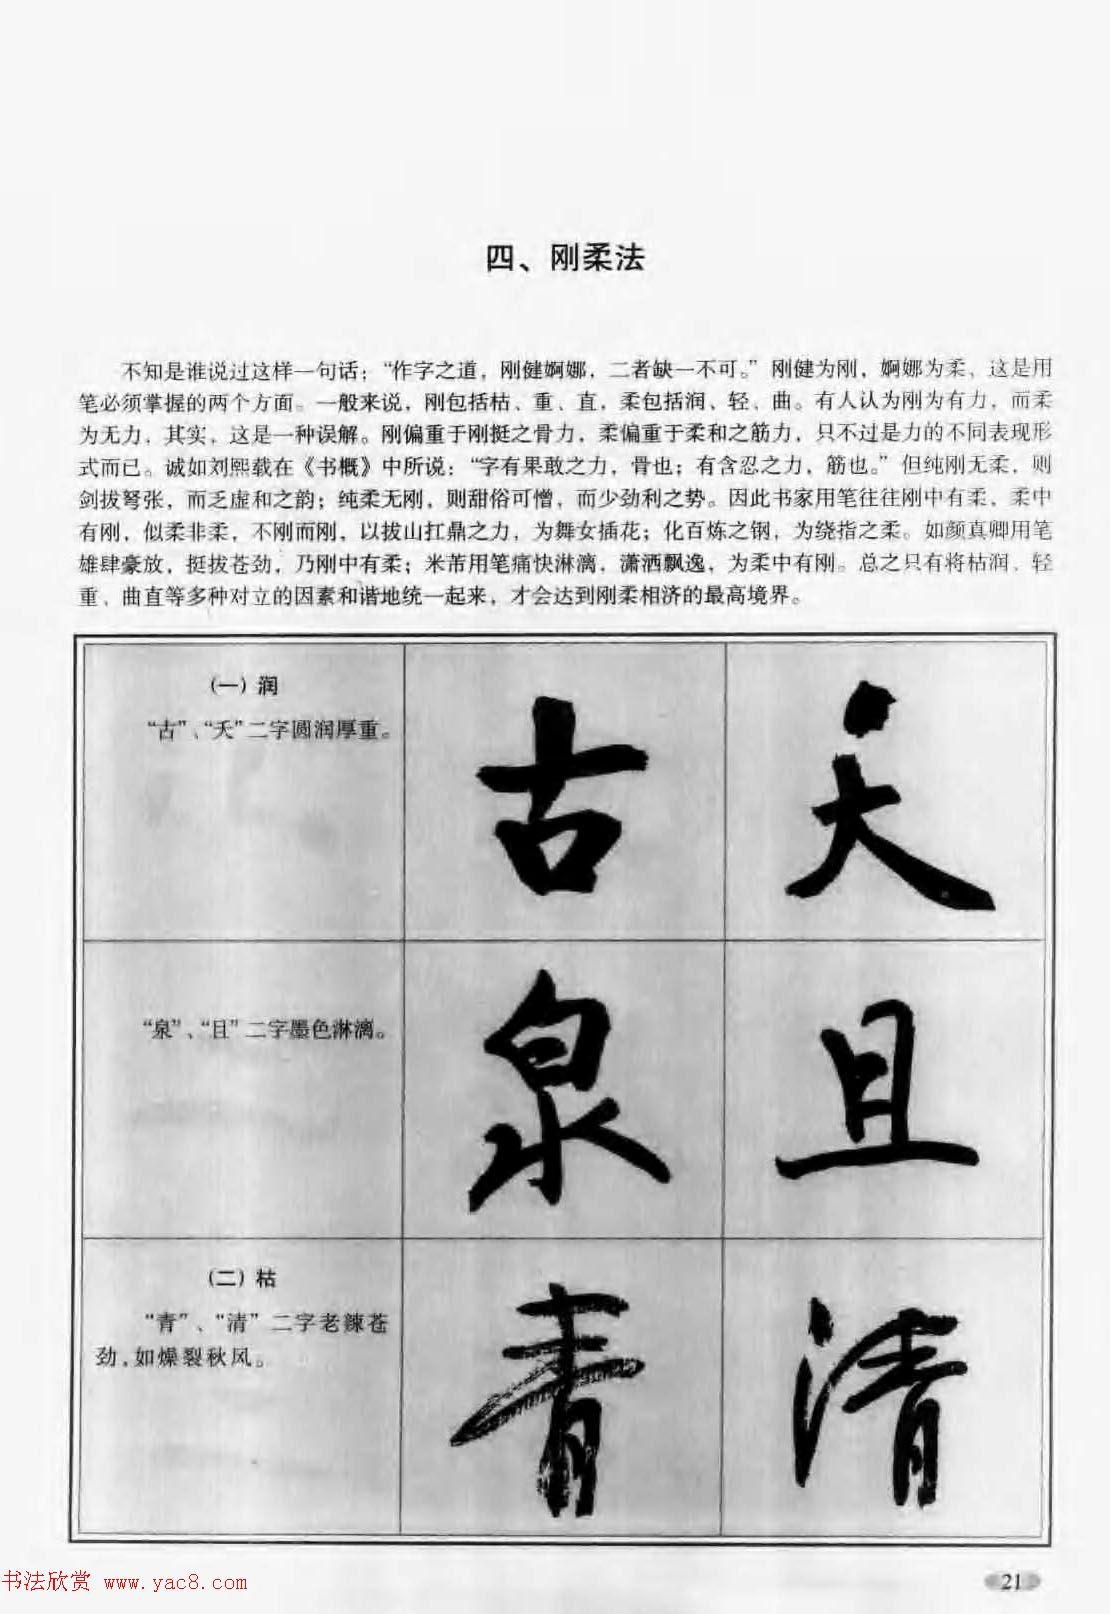 毛笔书法字帖 行书入门字谱图片